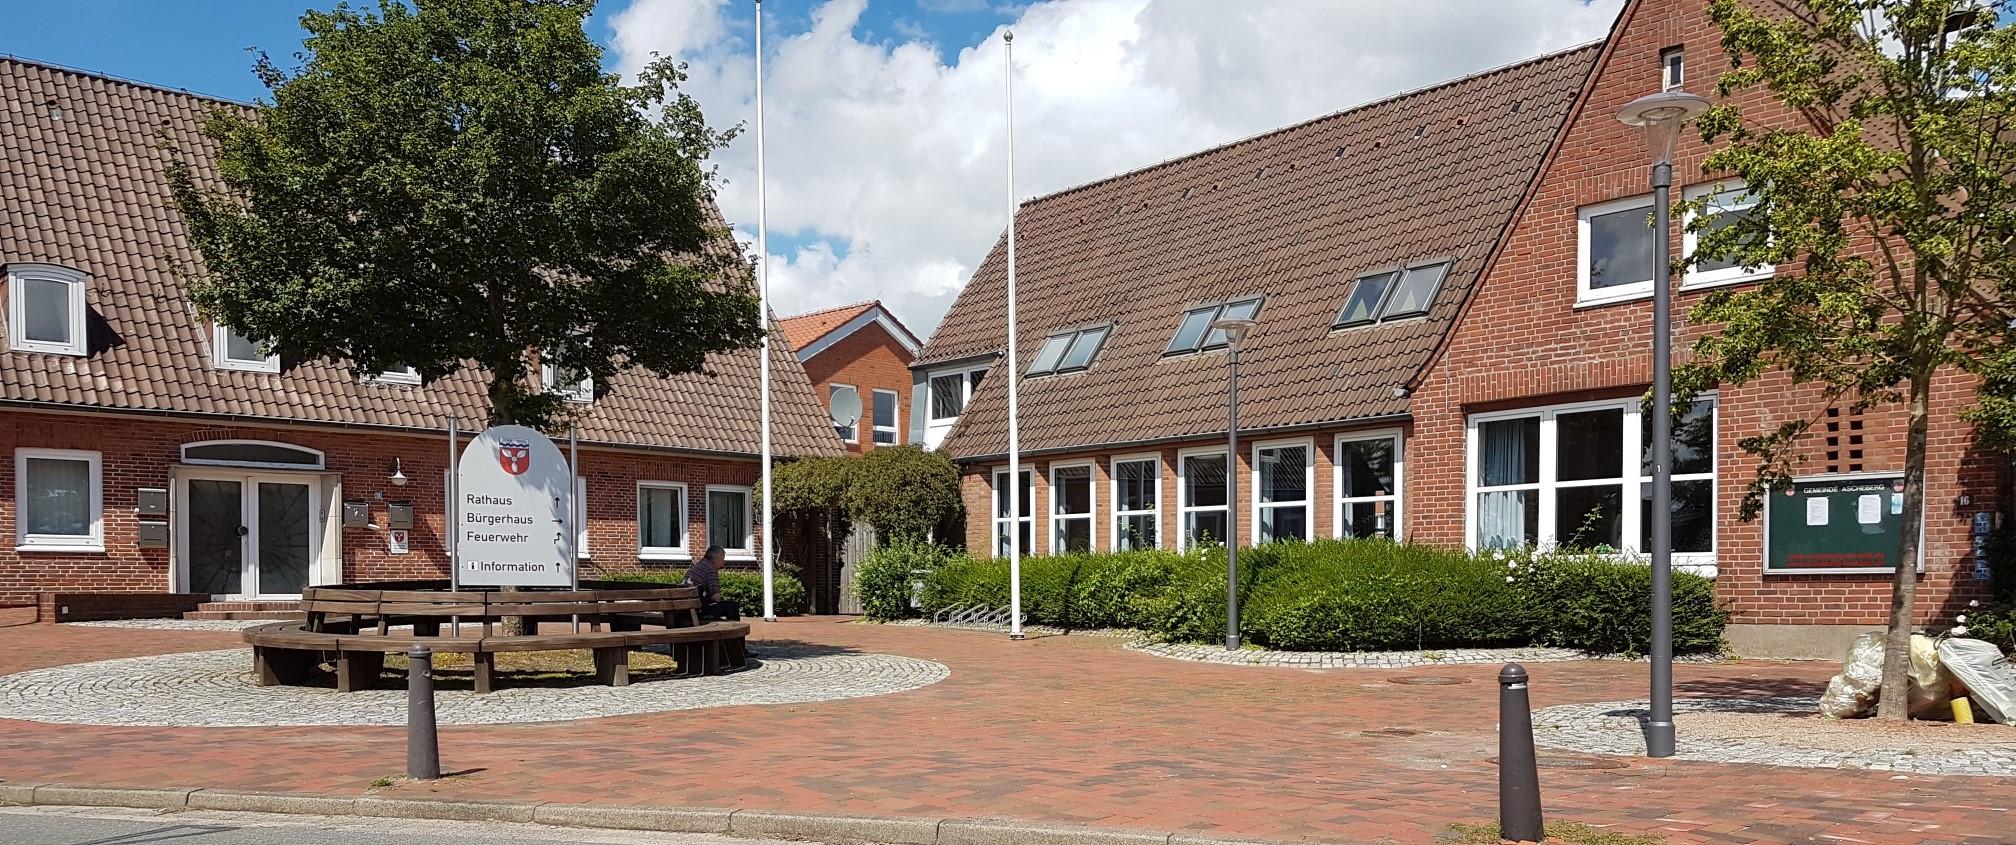 Rathaus Ascheberg